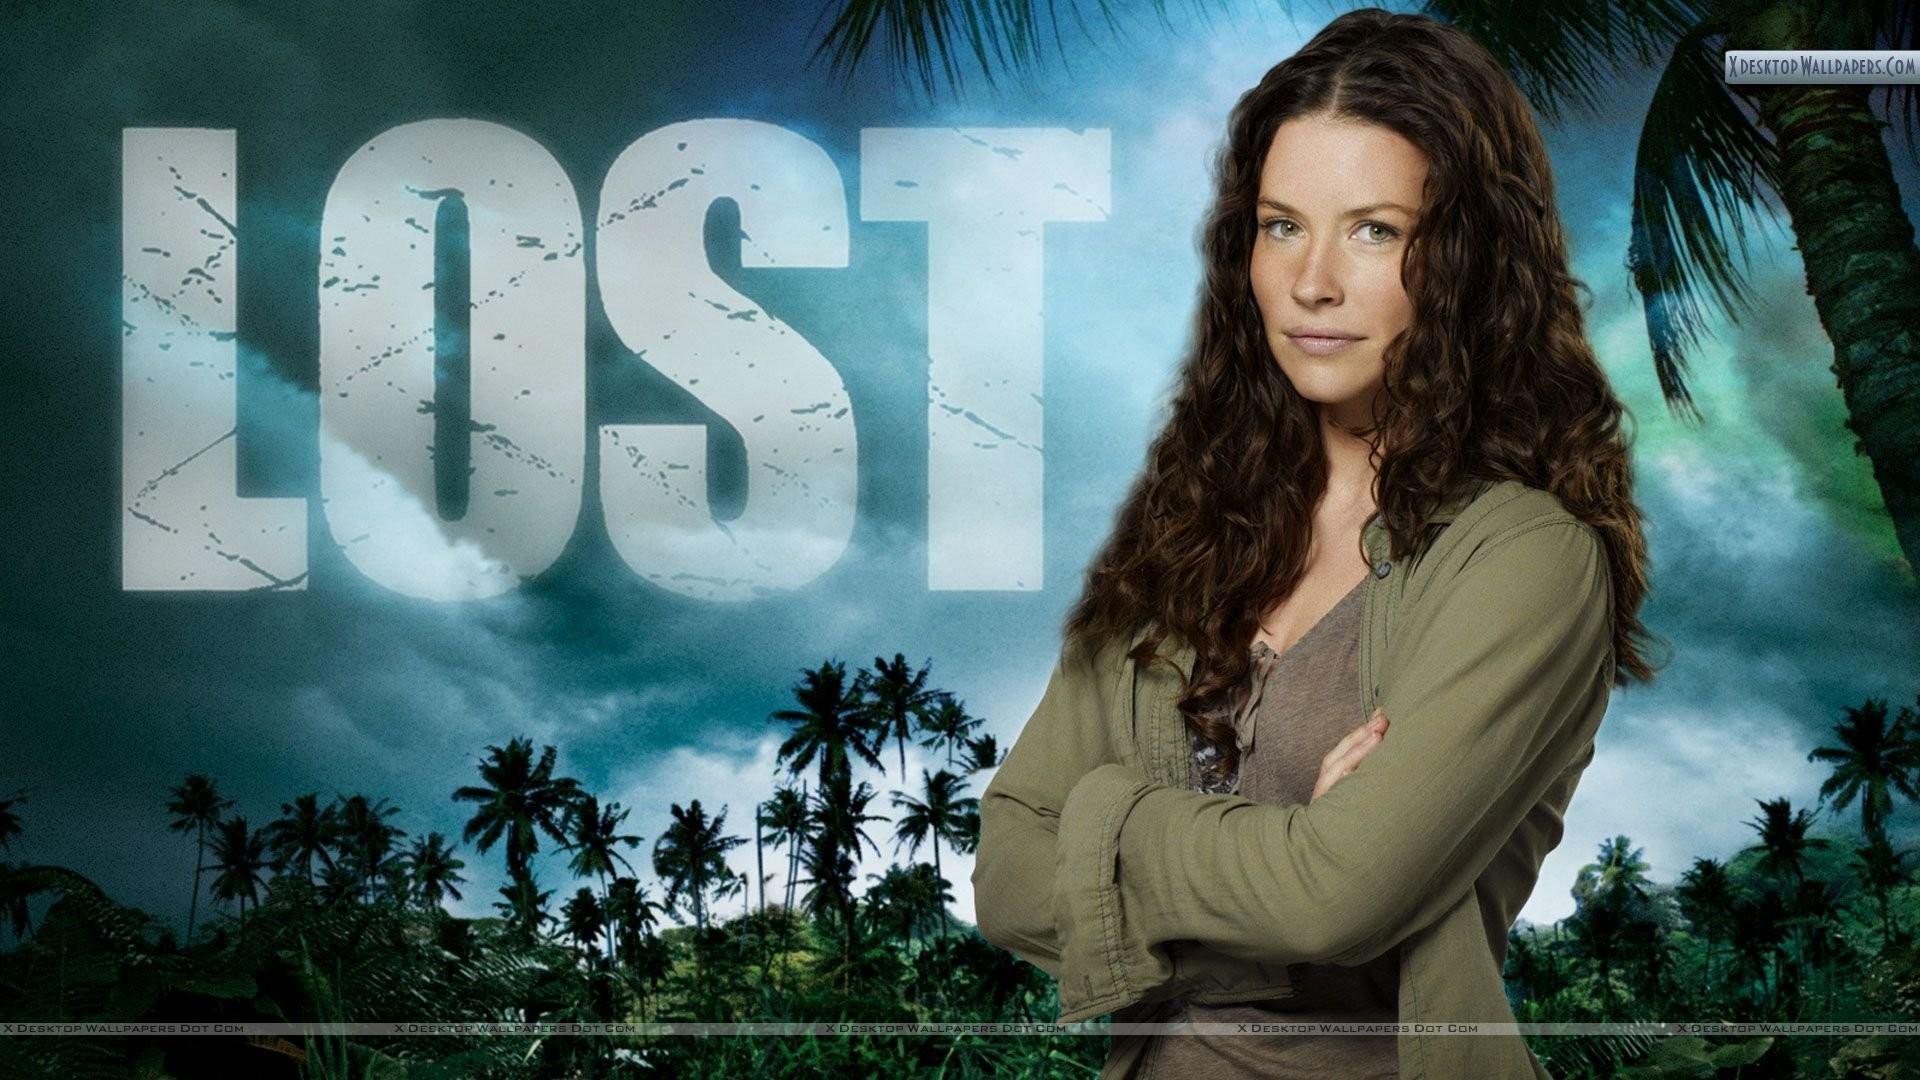 Watch Lost Season 6 Online